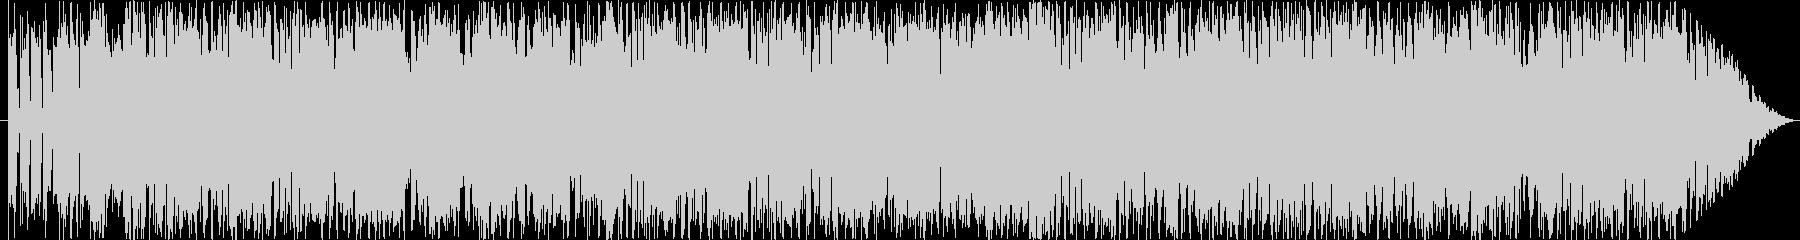 熱いギターロック(アクションゲーム向け)の未再生の波形